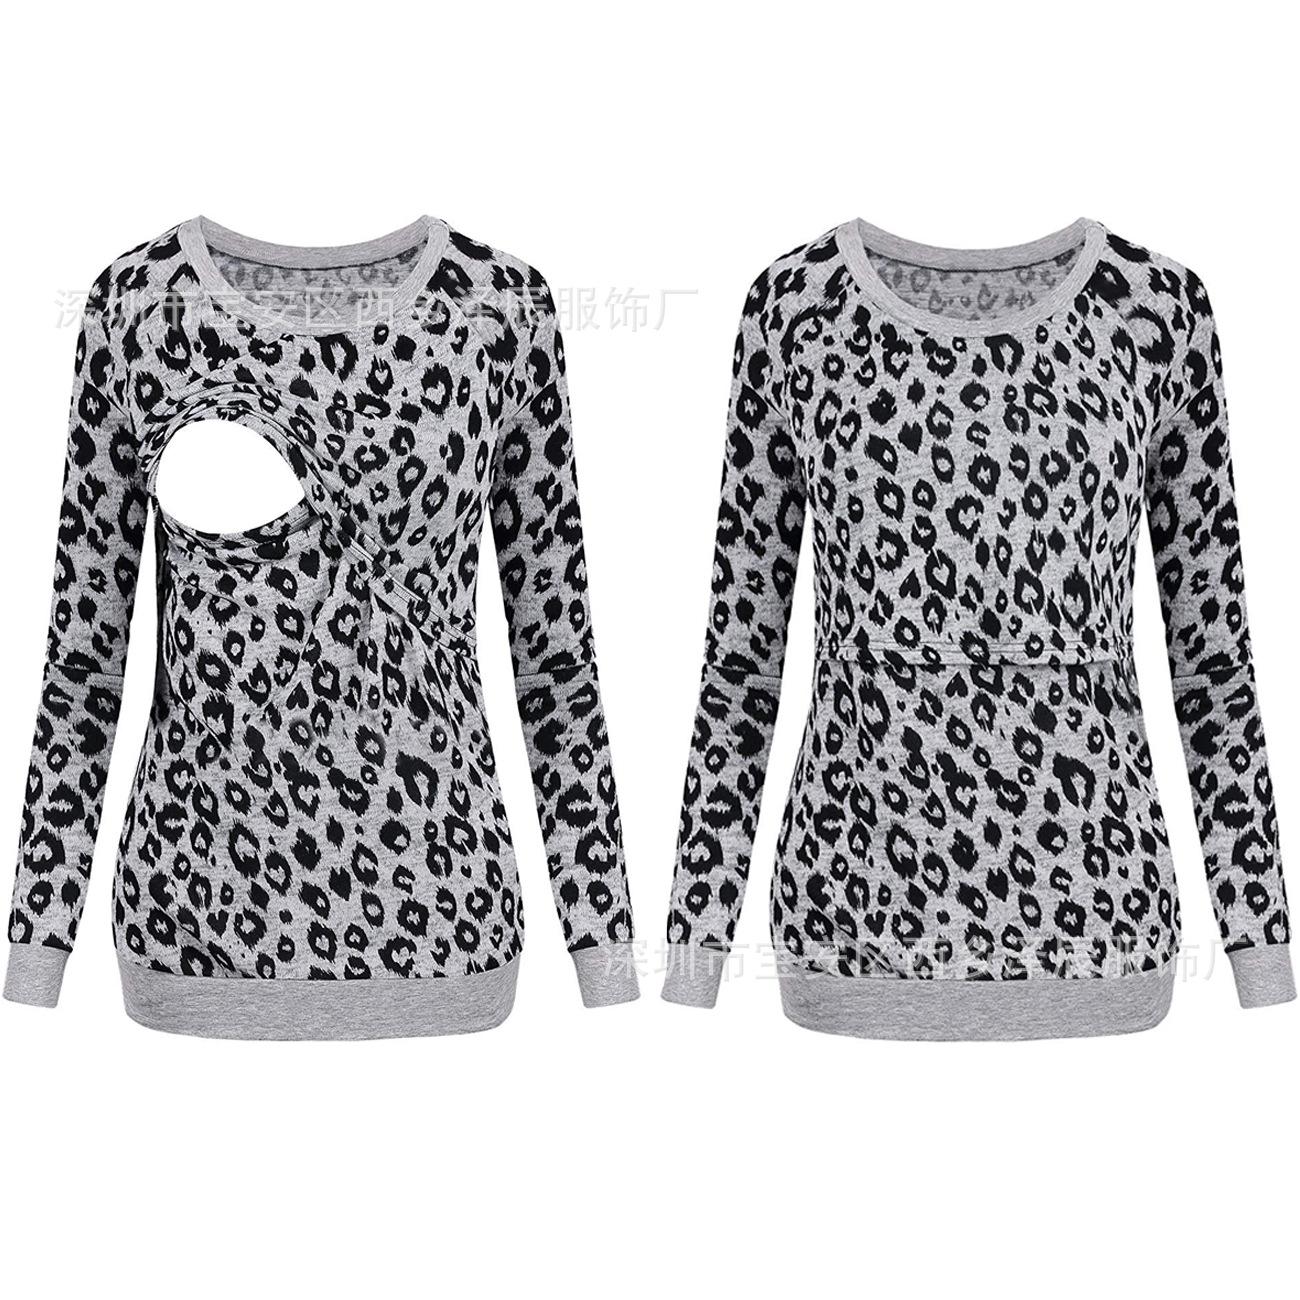 亚马逊eBay爆款 欧美新款时尚豹纹长袖哺乳上衣 孕妇T恤 大量现货